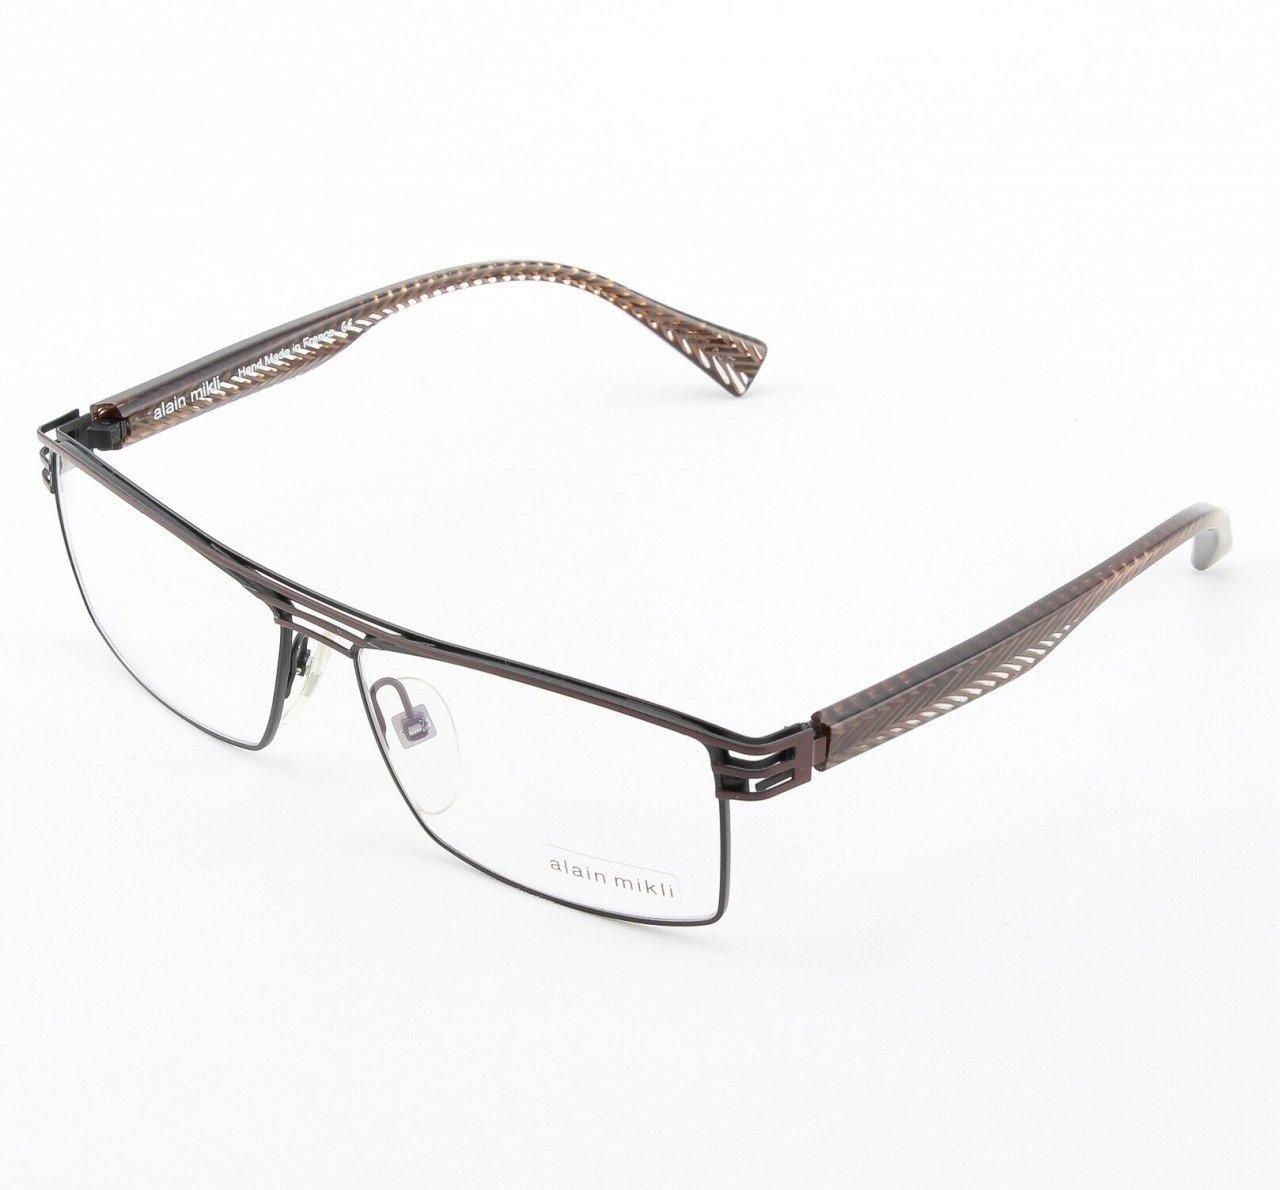 Alain Mikli Eyeglasses AL1104 Col. 2 Chocolate Brown with Herringbone Temples